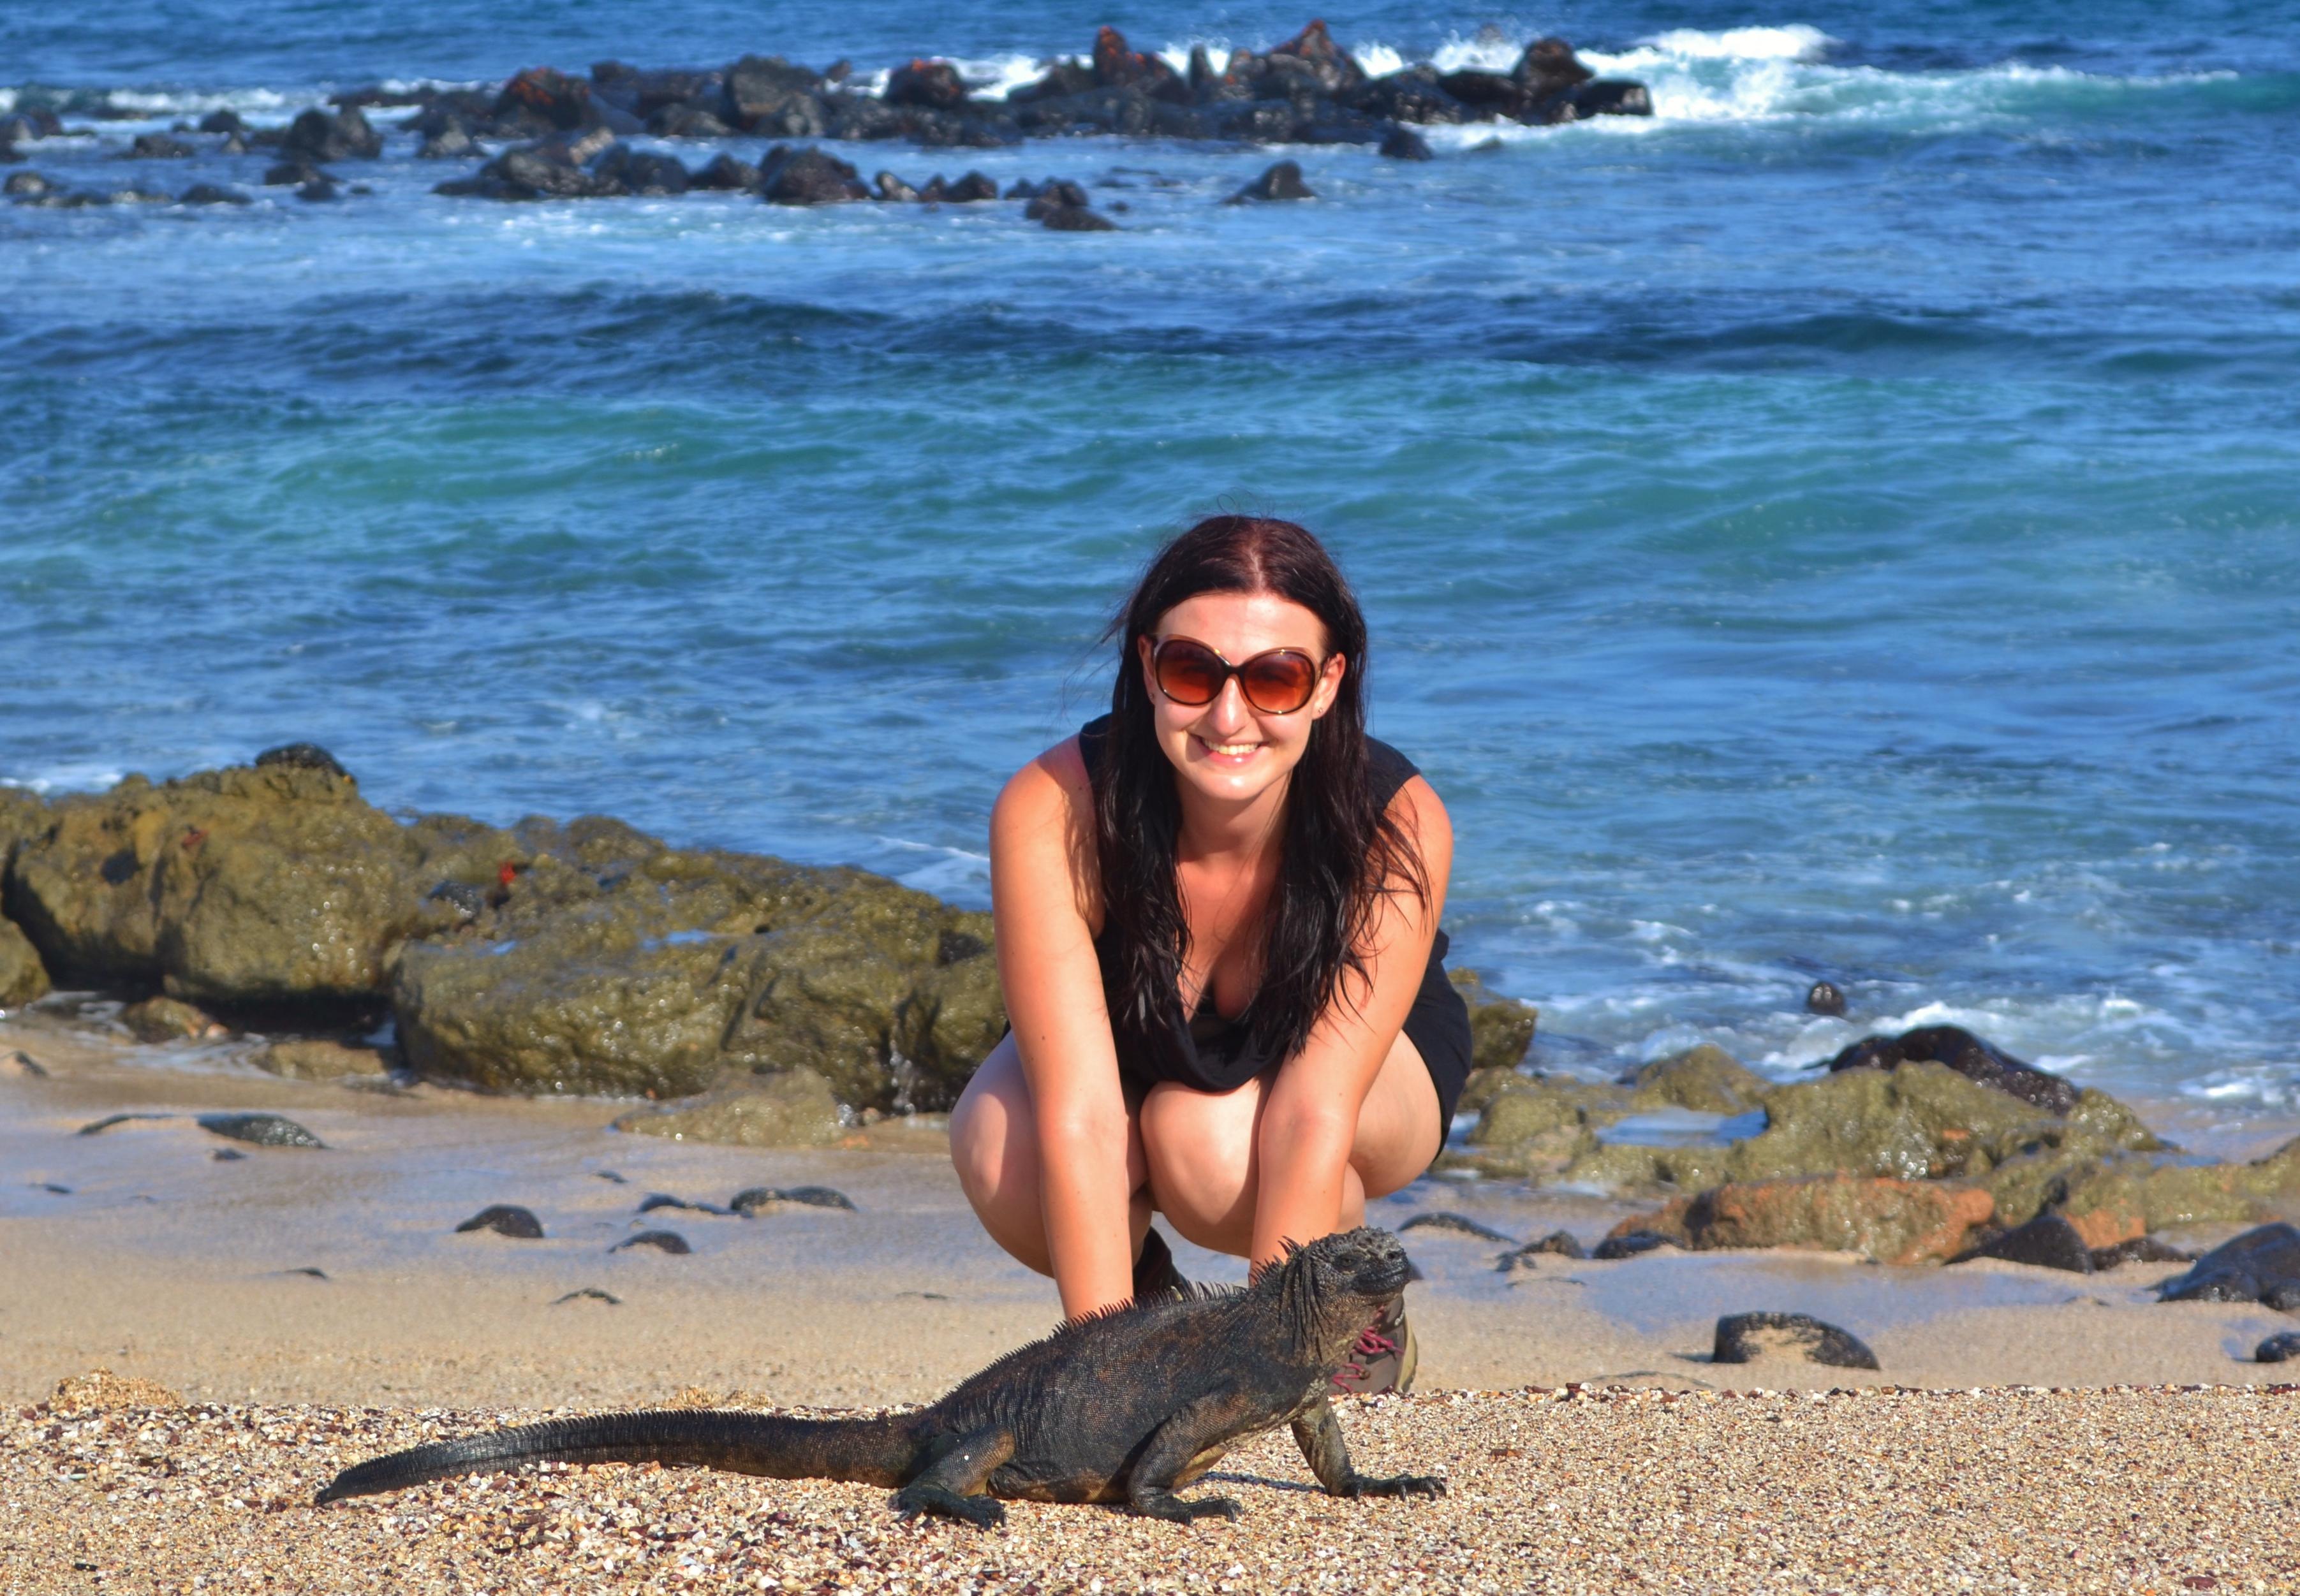 Islas de Galapagos Santa Cruz playa de los perros